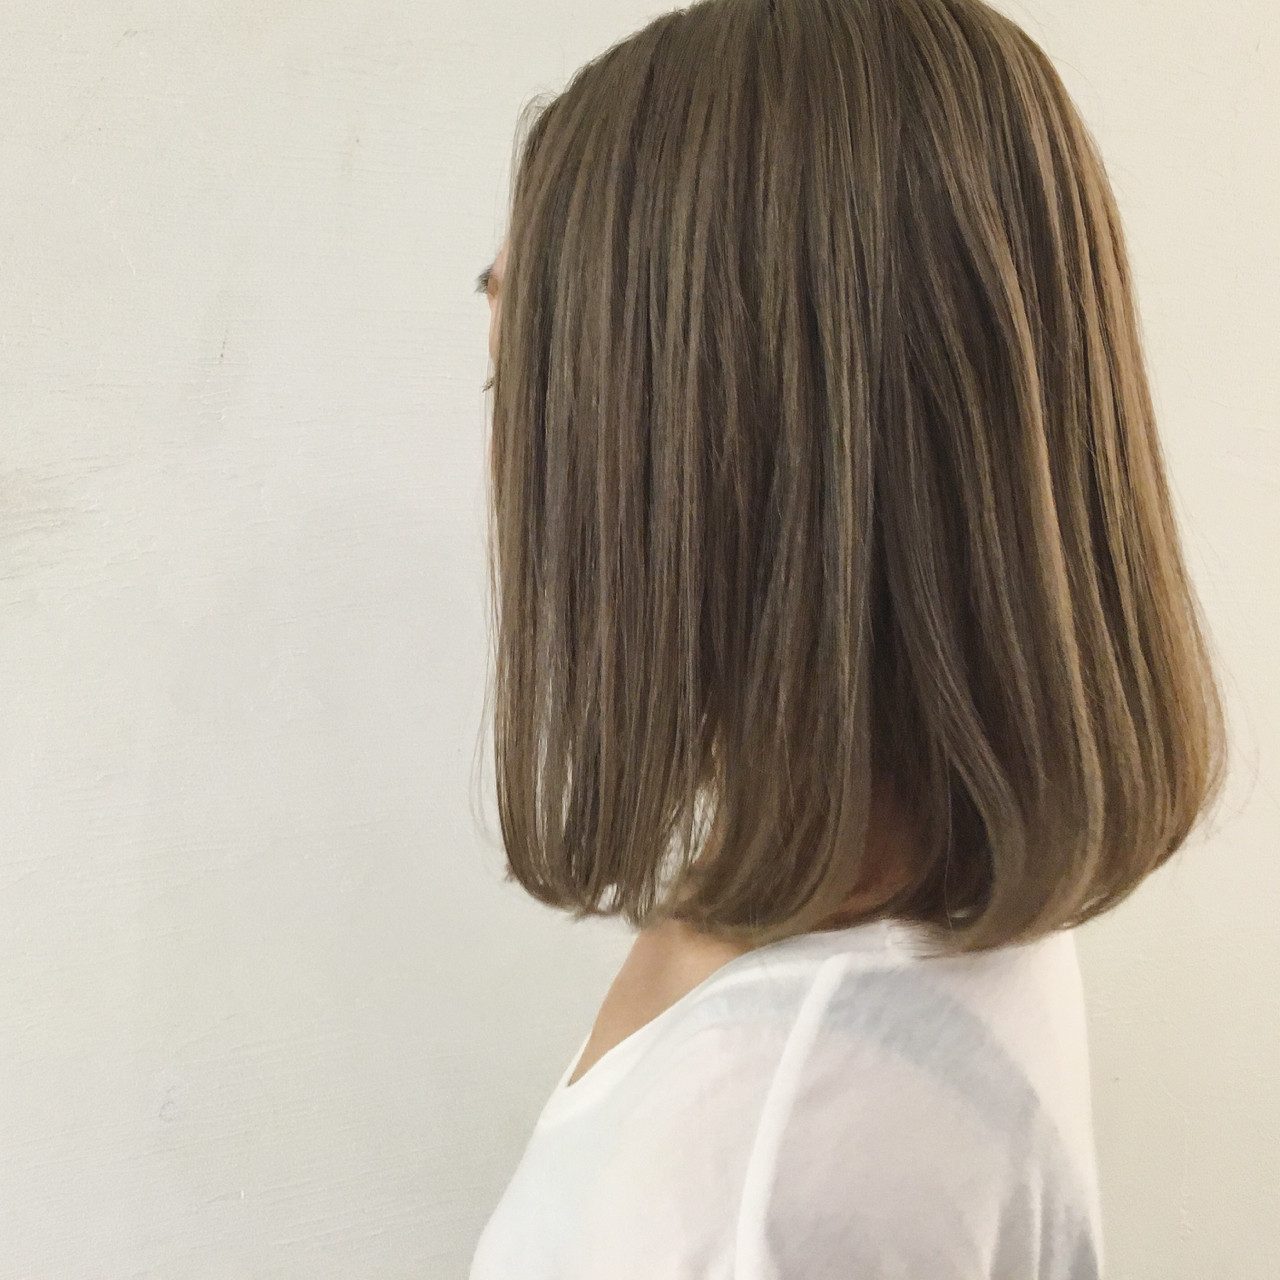 ストリート アッシュ 切りっぱなし ダブルカラー ヘアスタイルや髪型の写真・画像